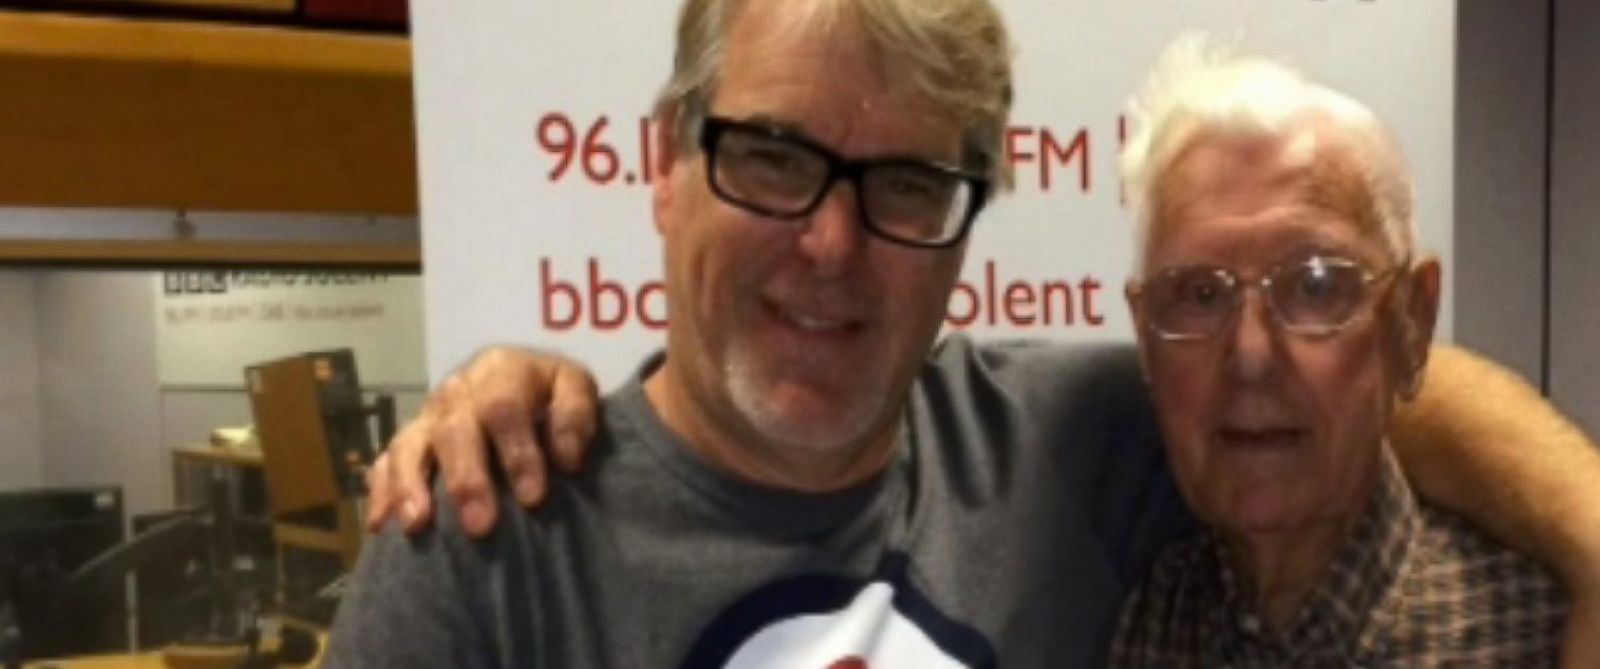 bbc_radio_alex_dyke_bill_palmer_jt_151022_12x5_1600.jpg